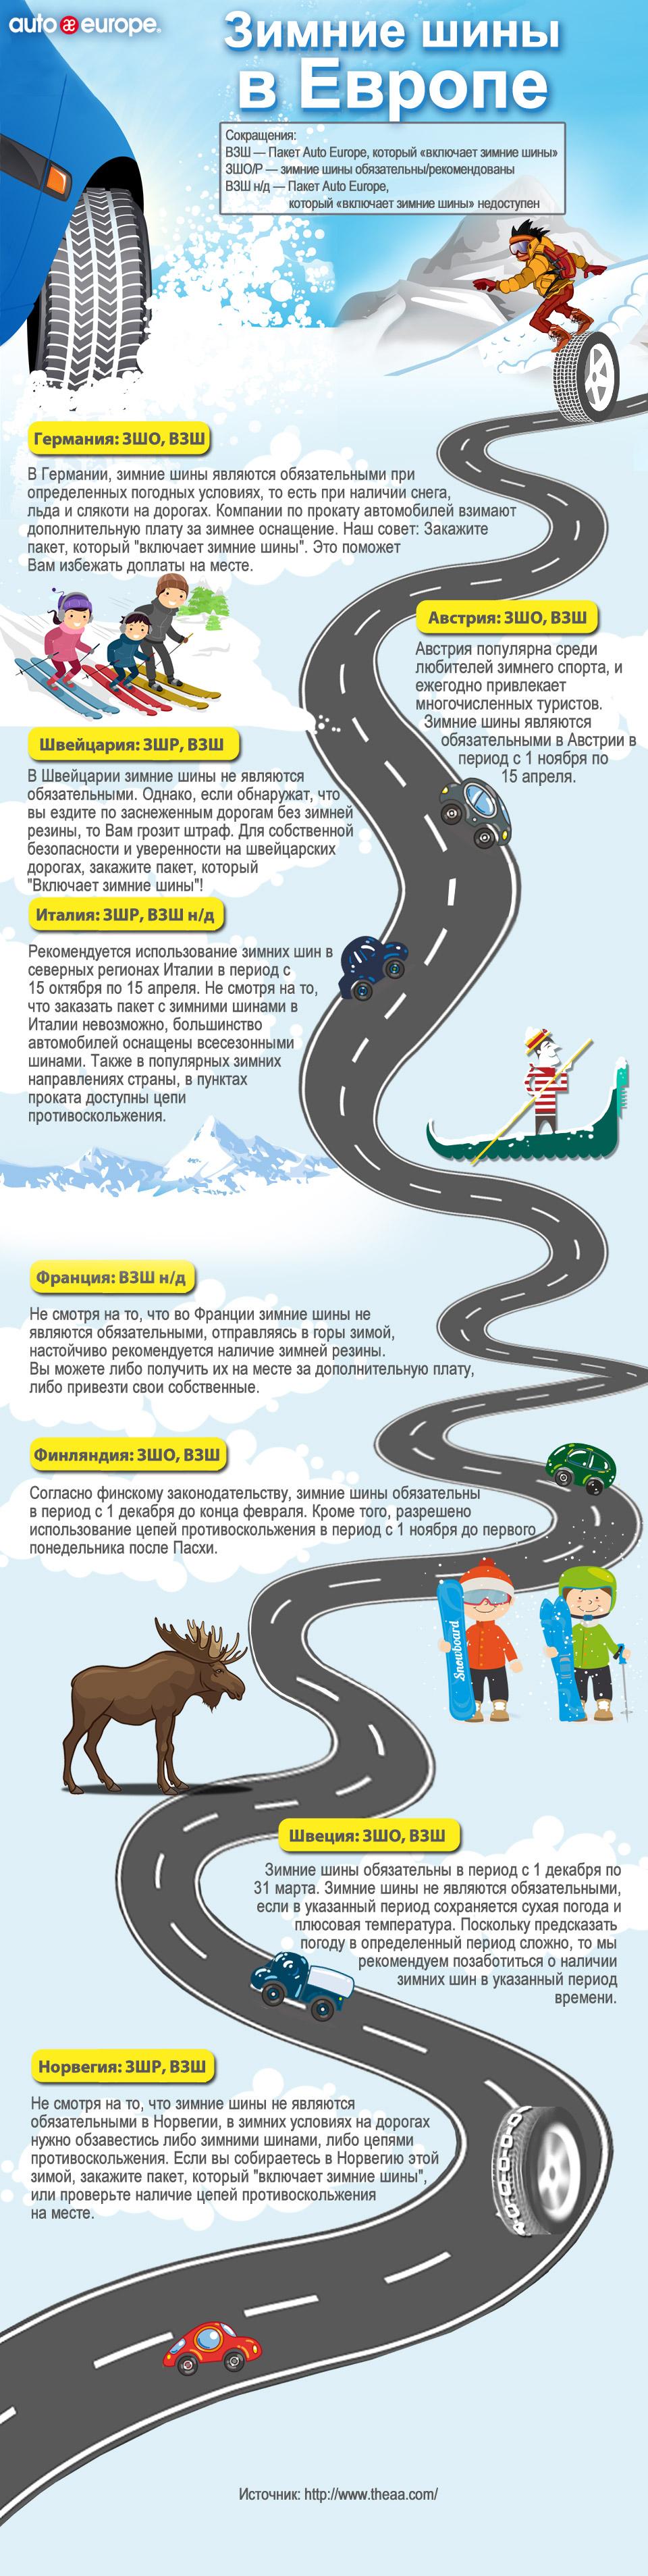 Требования к зимним шинам в Европе